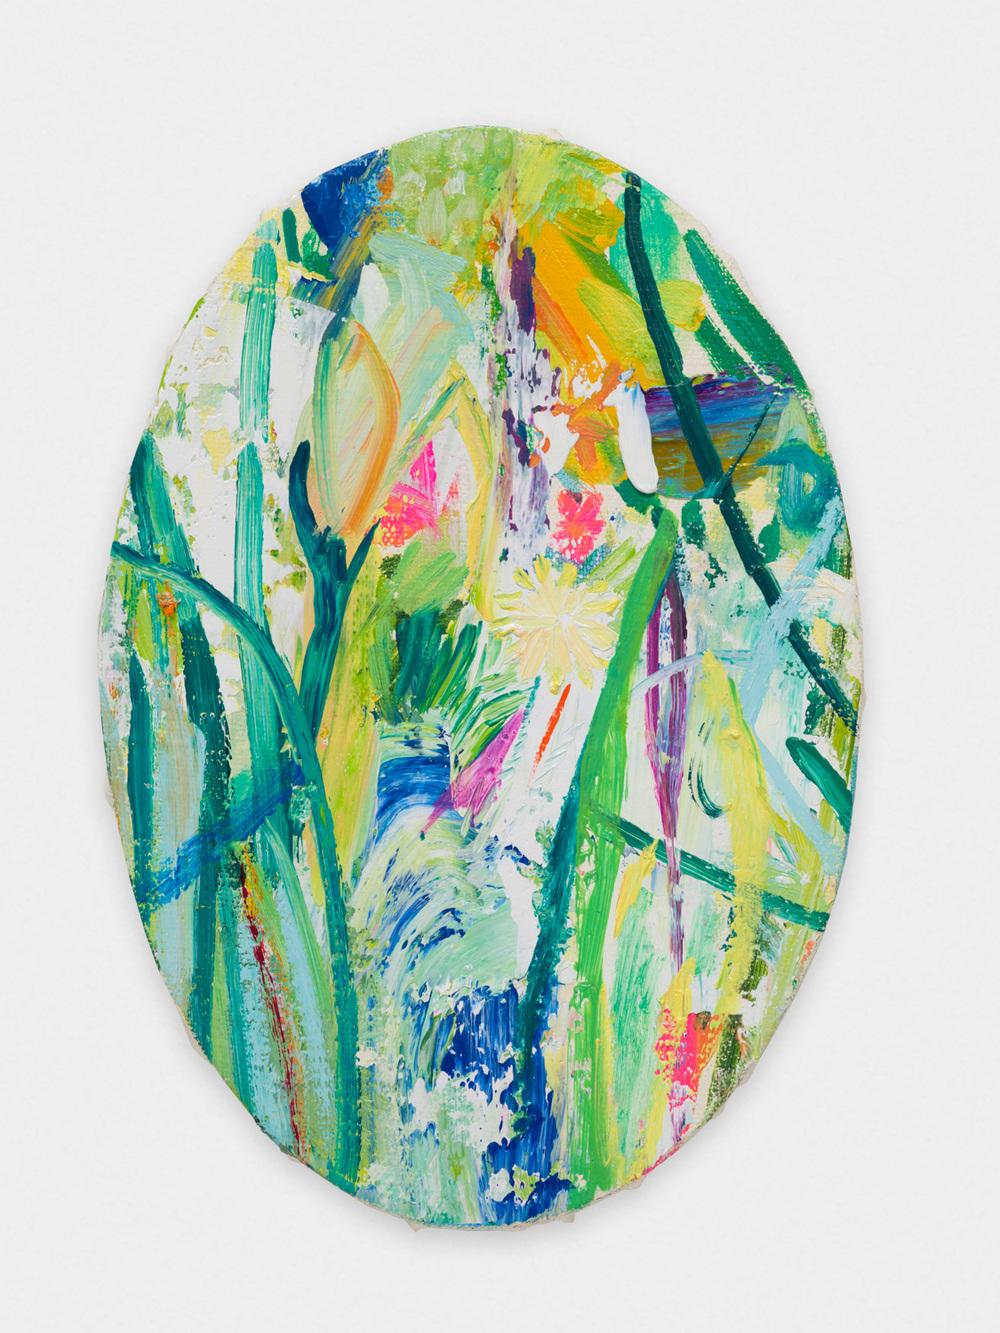 Miki Mochizuka CYF 2015-2016 Oil on canvas 11.22 x 7.68 in (28.5h x 19.51w cm) MikiM002